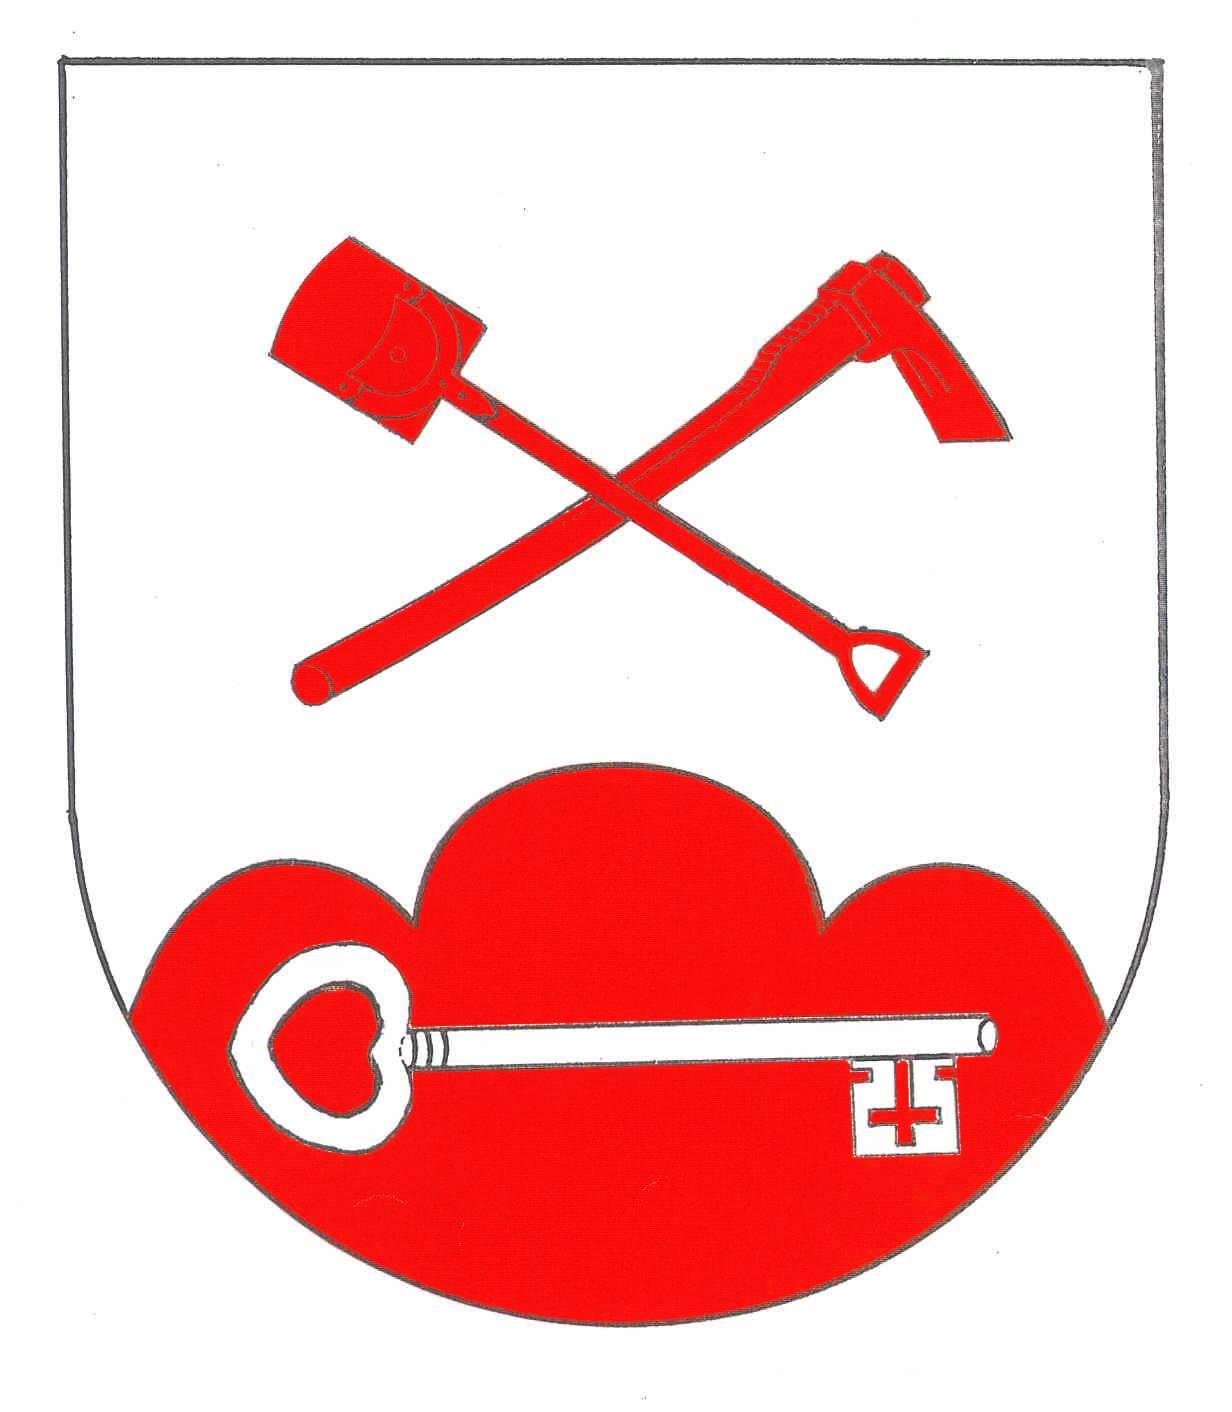 Wappen GemeindeOsterrade, Kreis Dithmarschen